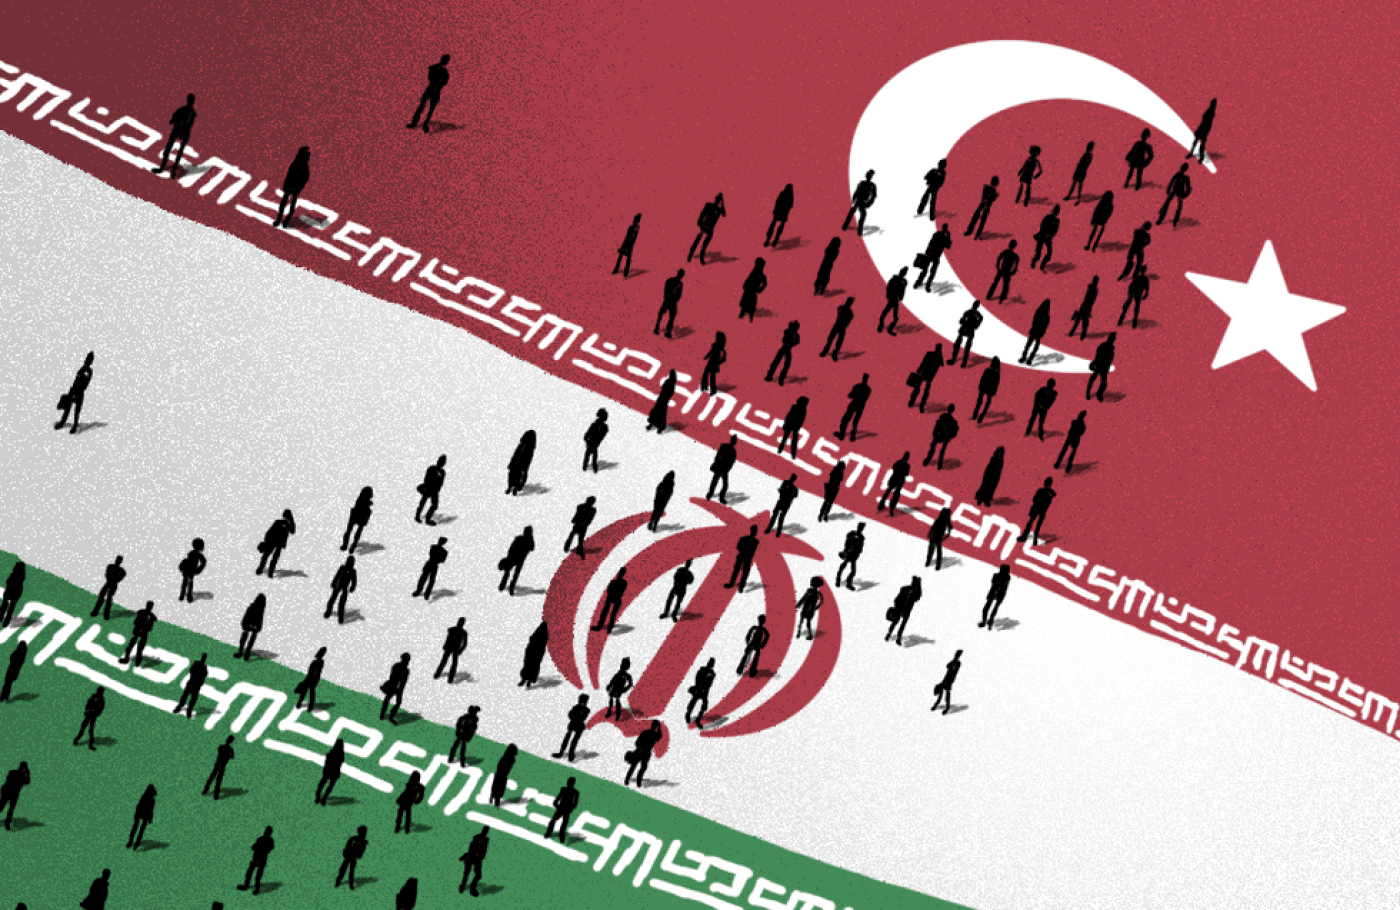 ترکی استانبولی برای مهاجرت